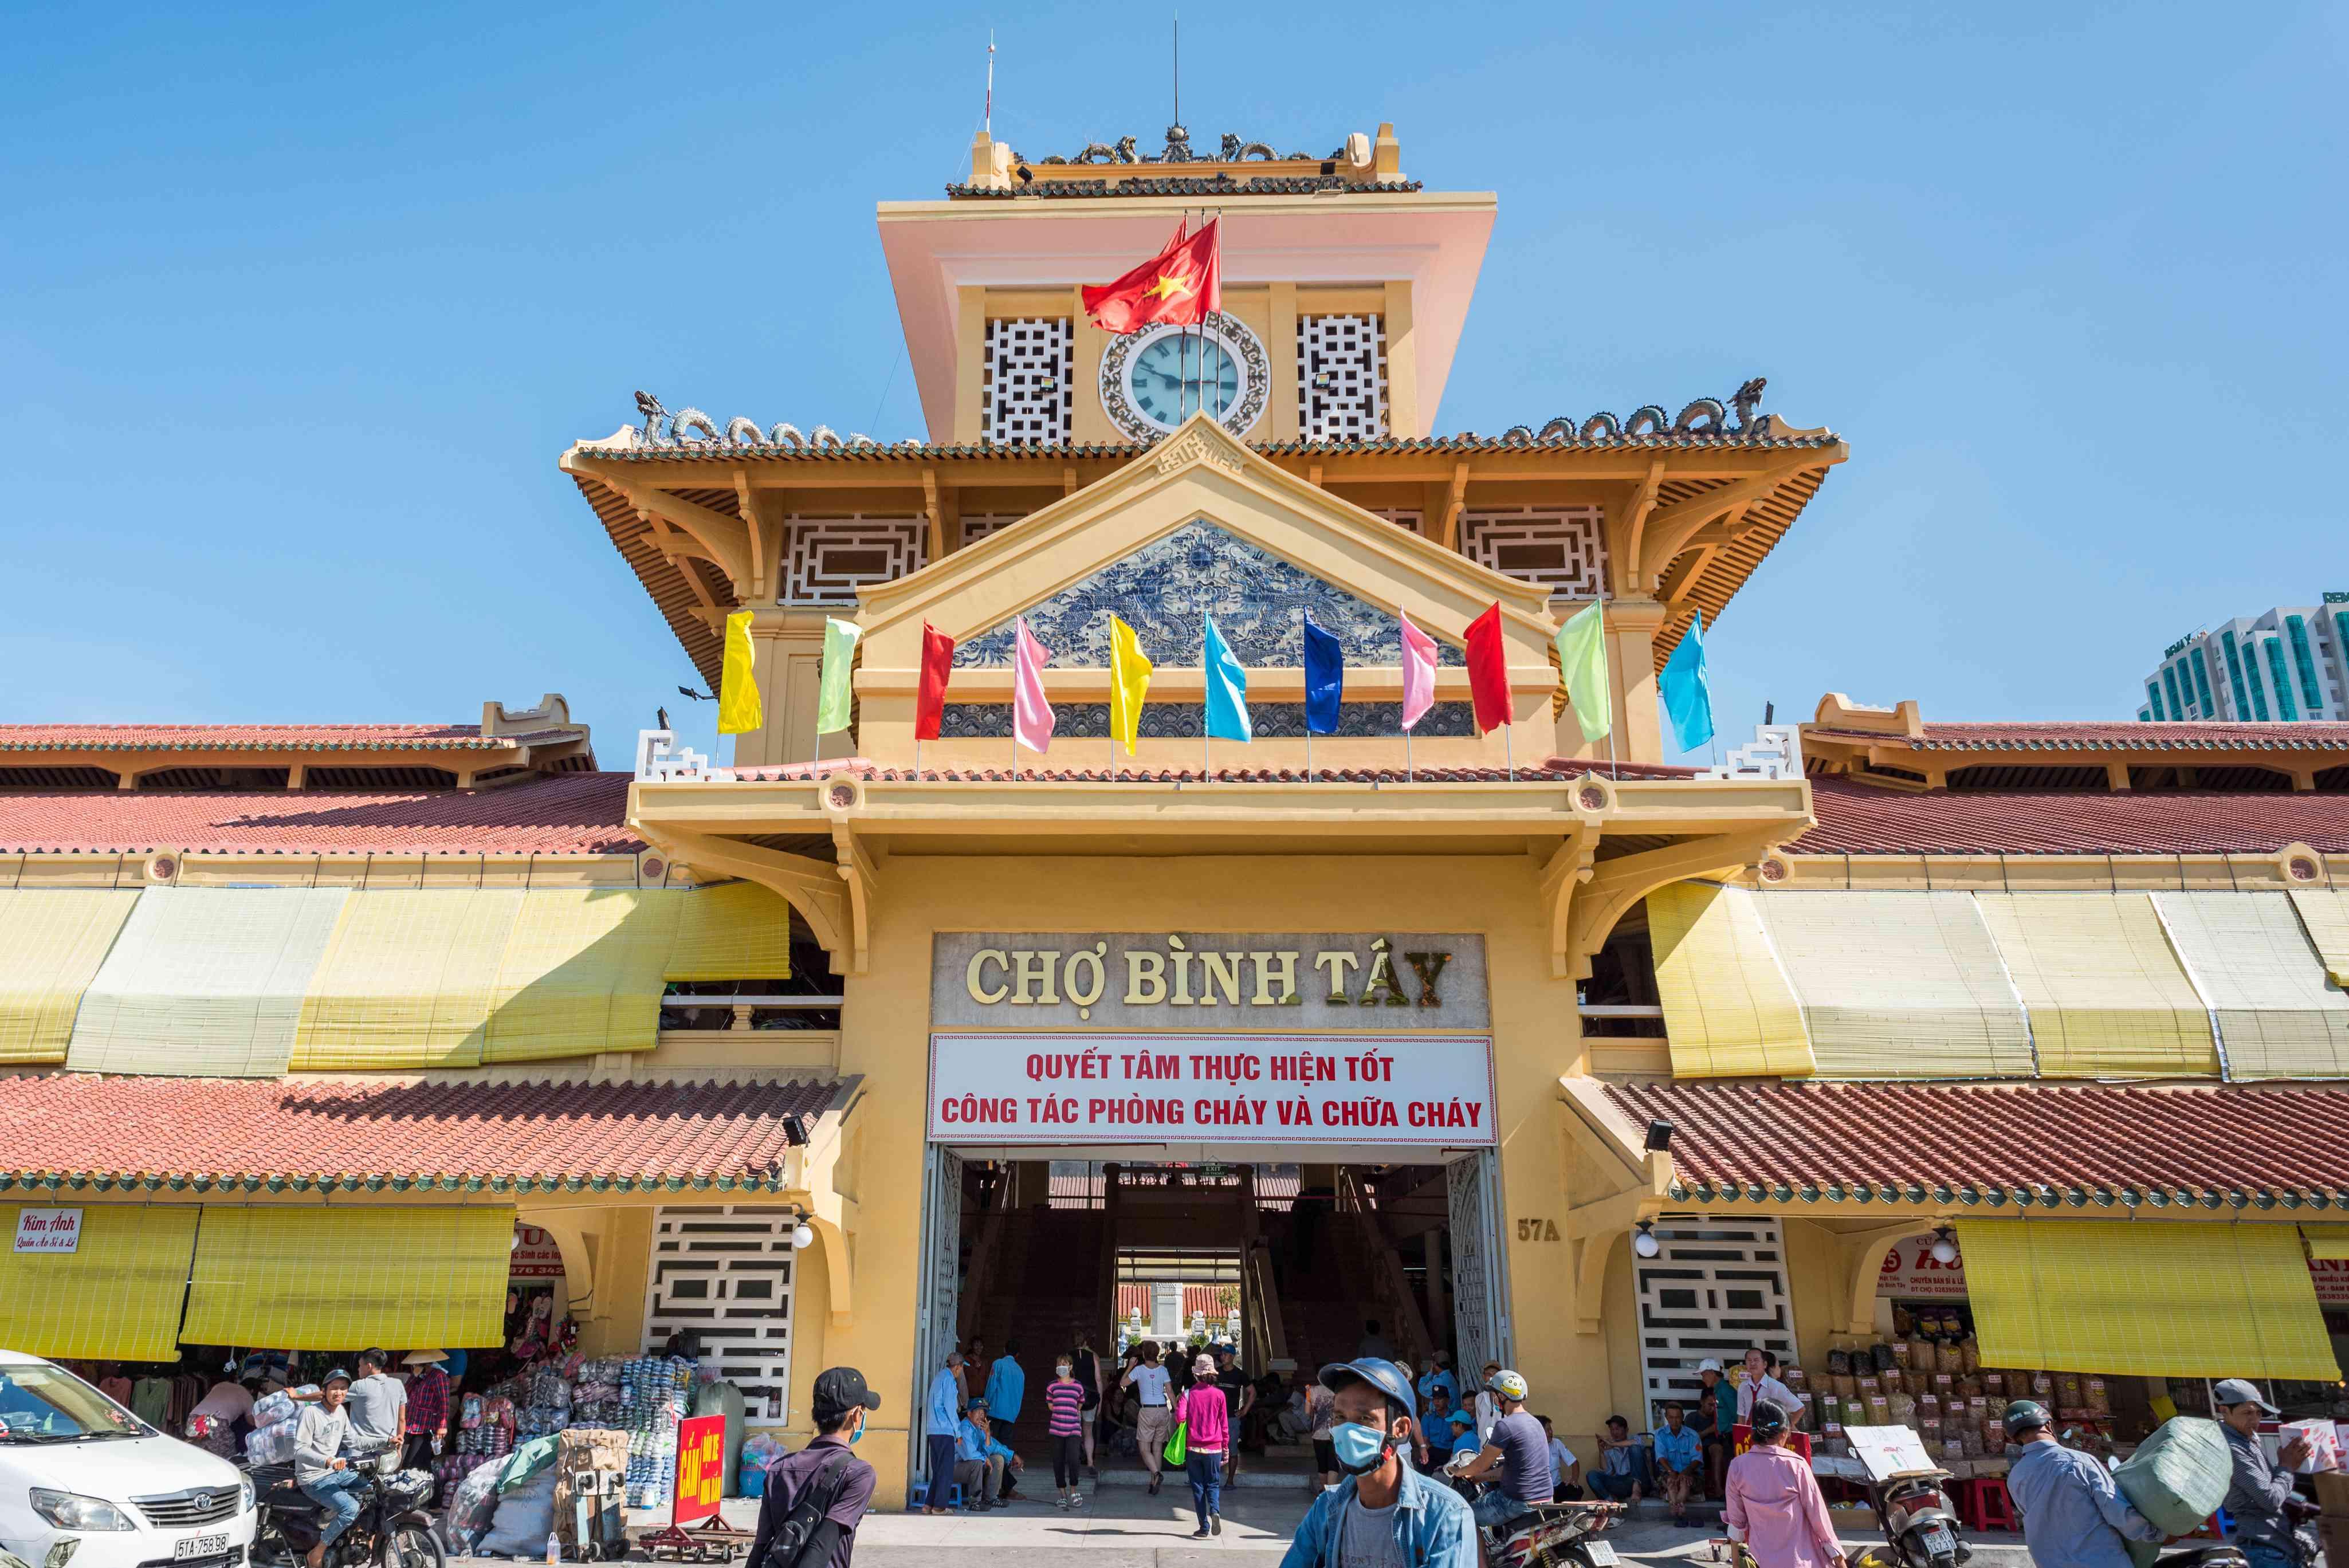 Entrance of Binh Tay Market in Ho Chi Minh City